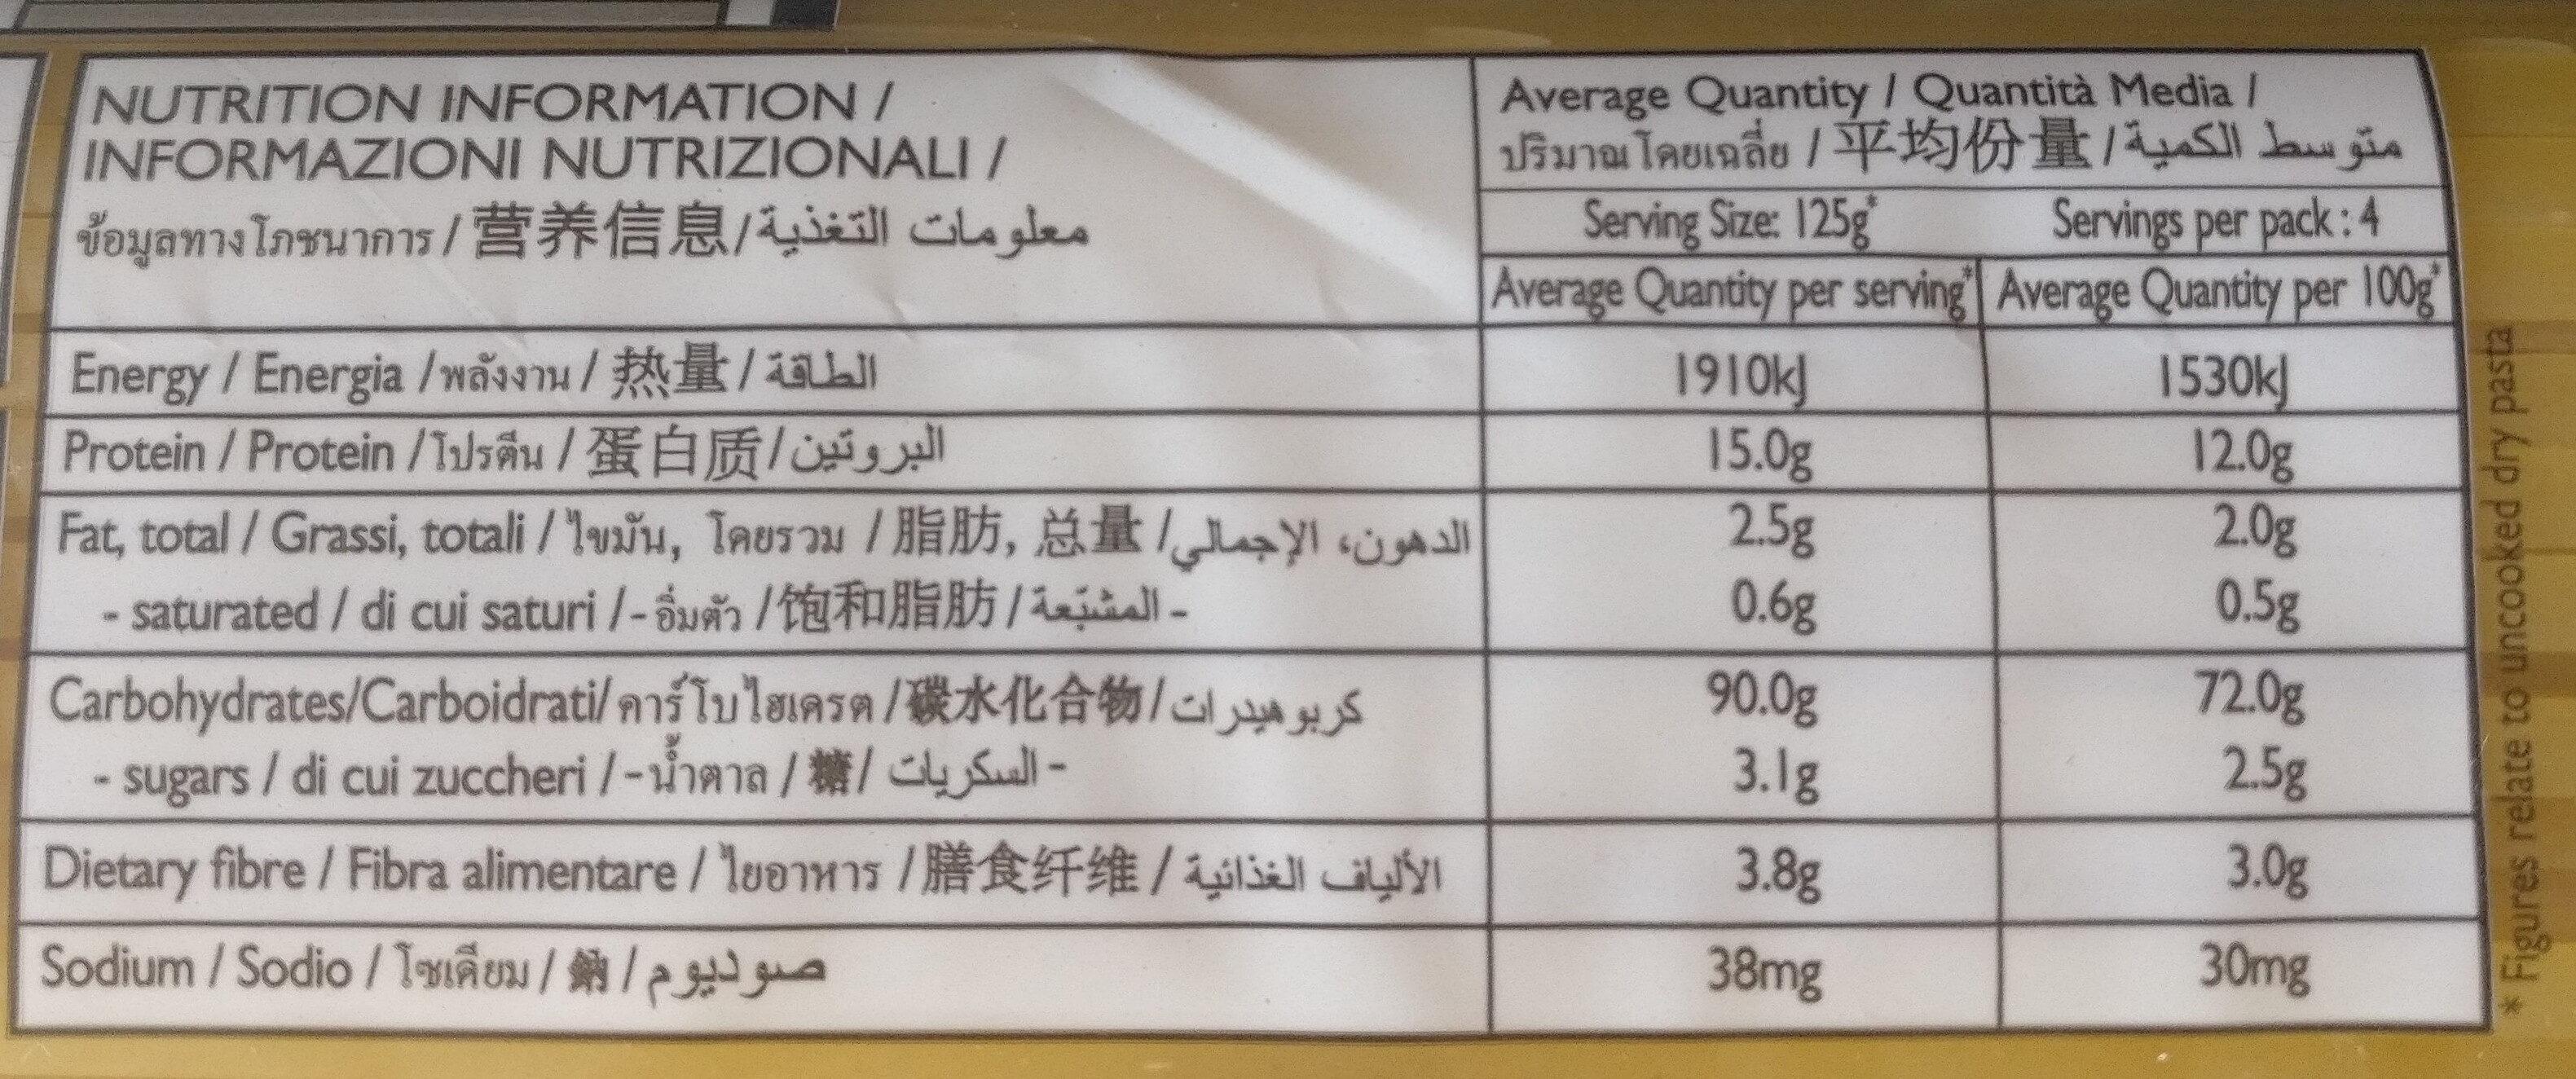 Linguine No. 1 - Nutrition facts - en